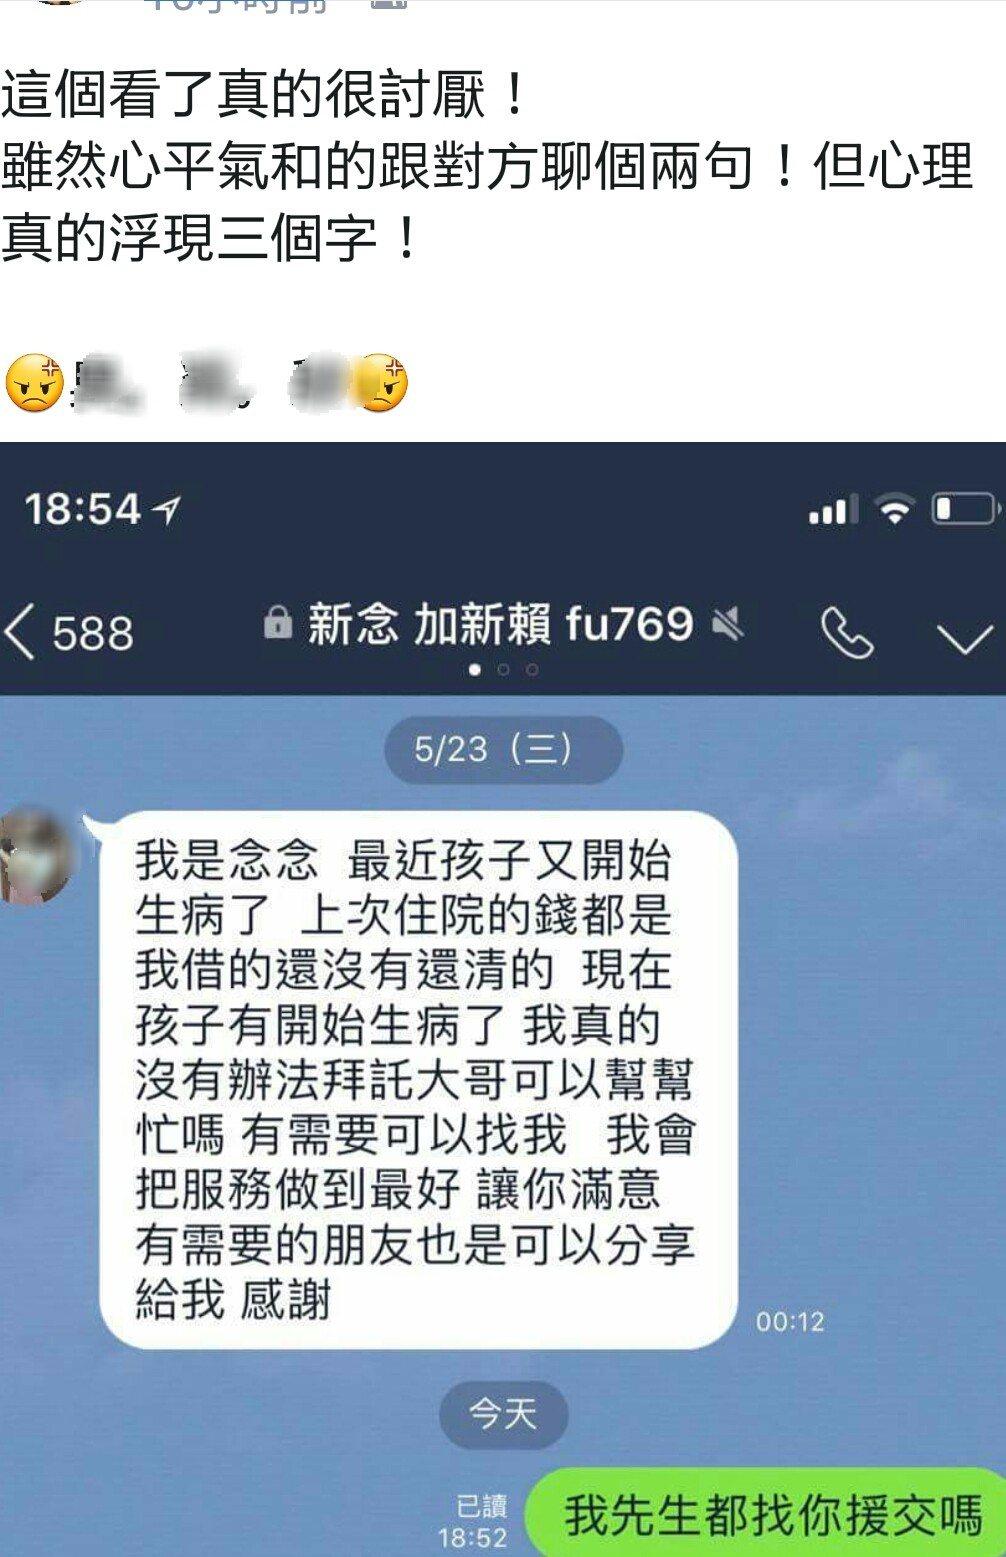 詐騙集團的line簡訊,讓老婆接到後很生氣。圖/擷自臉書爆怨公社